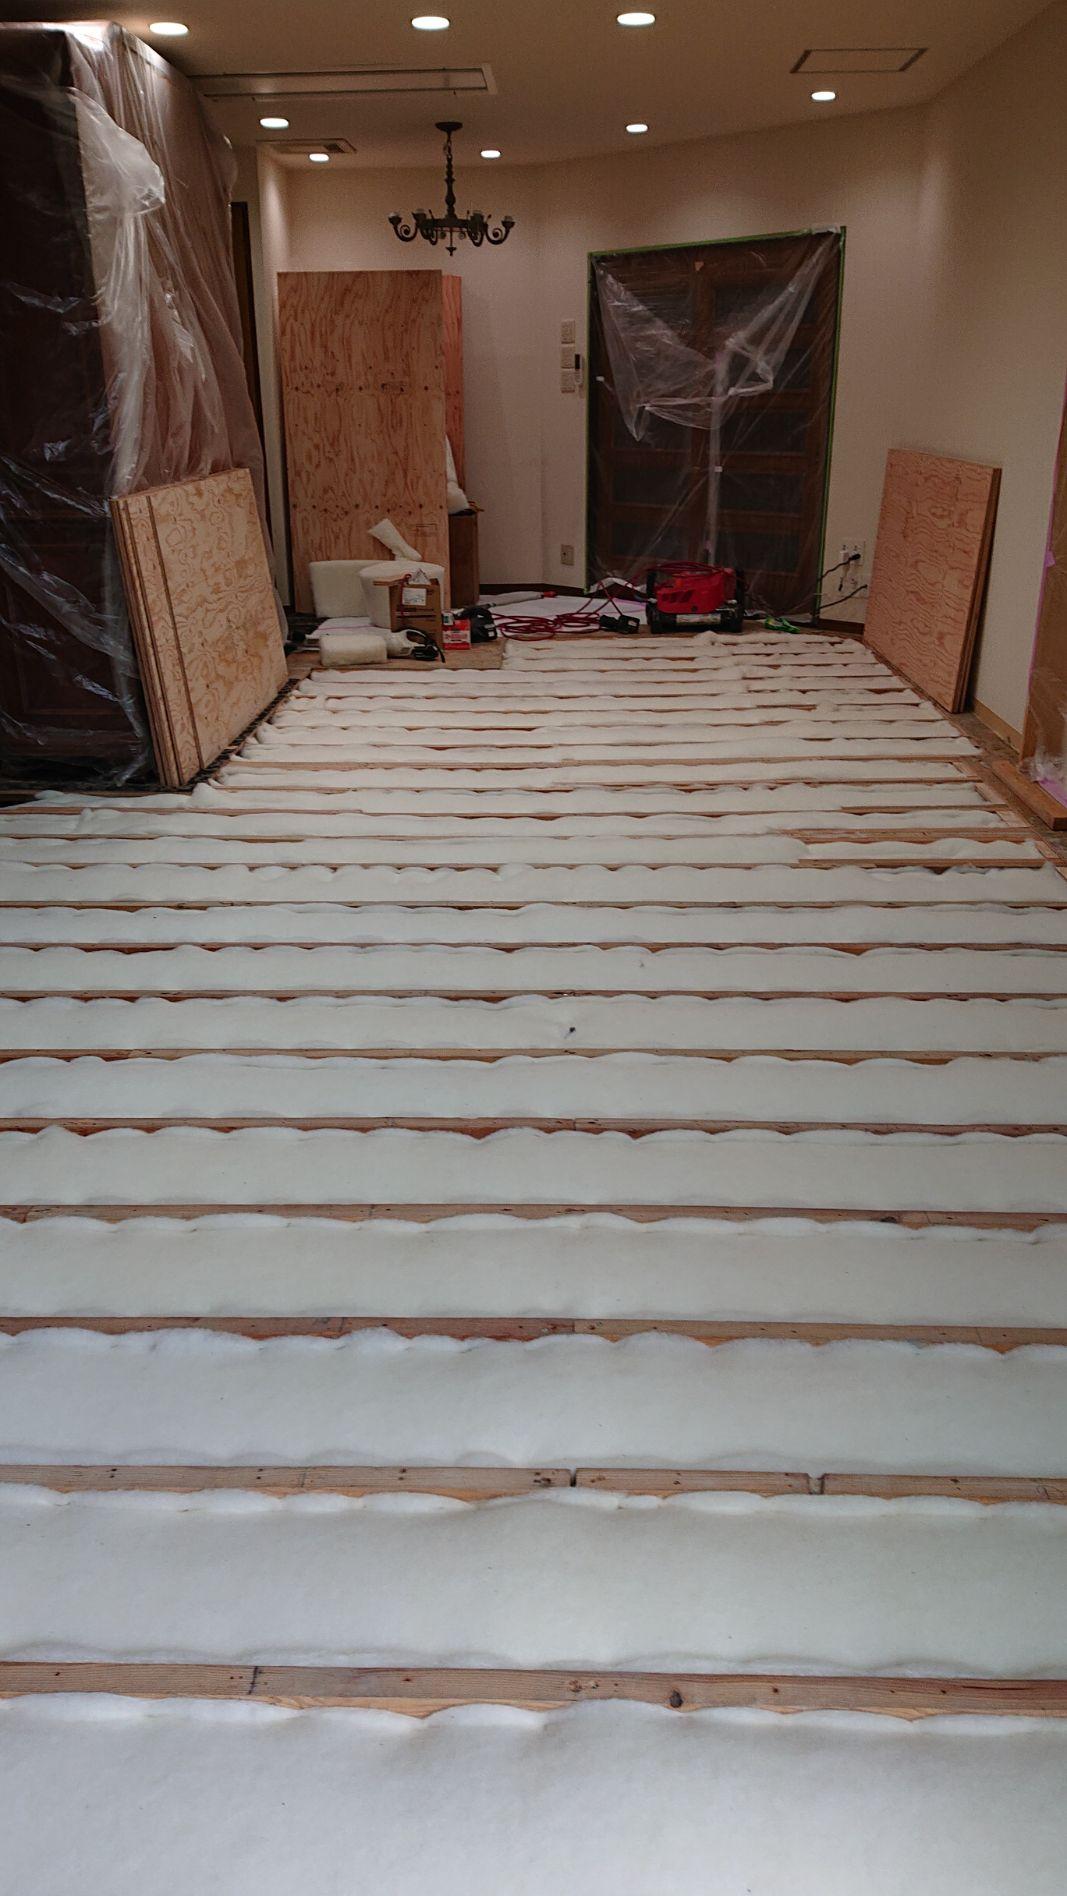 寒さ対策に、調湿性能に優れた羊毛断熱材を床下に敷き詰めました。壁内や室内には発生する結露も防止します。